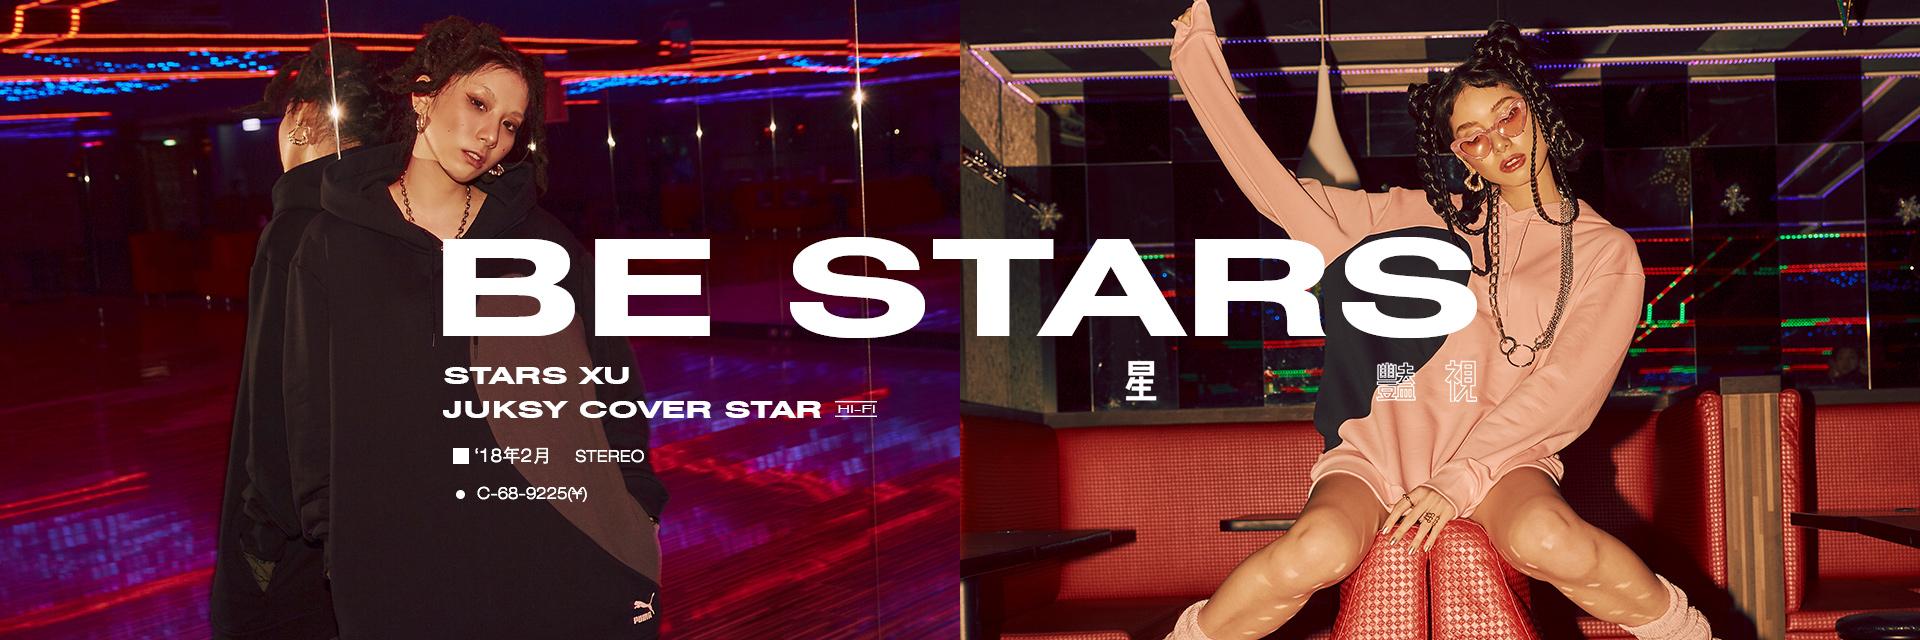 甜美感 OUT!潮流辣媽 Stars Xu 降臨,親授 2 招潮度破錶的「街潮情侶穿搭」